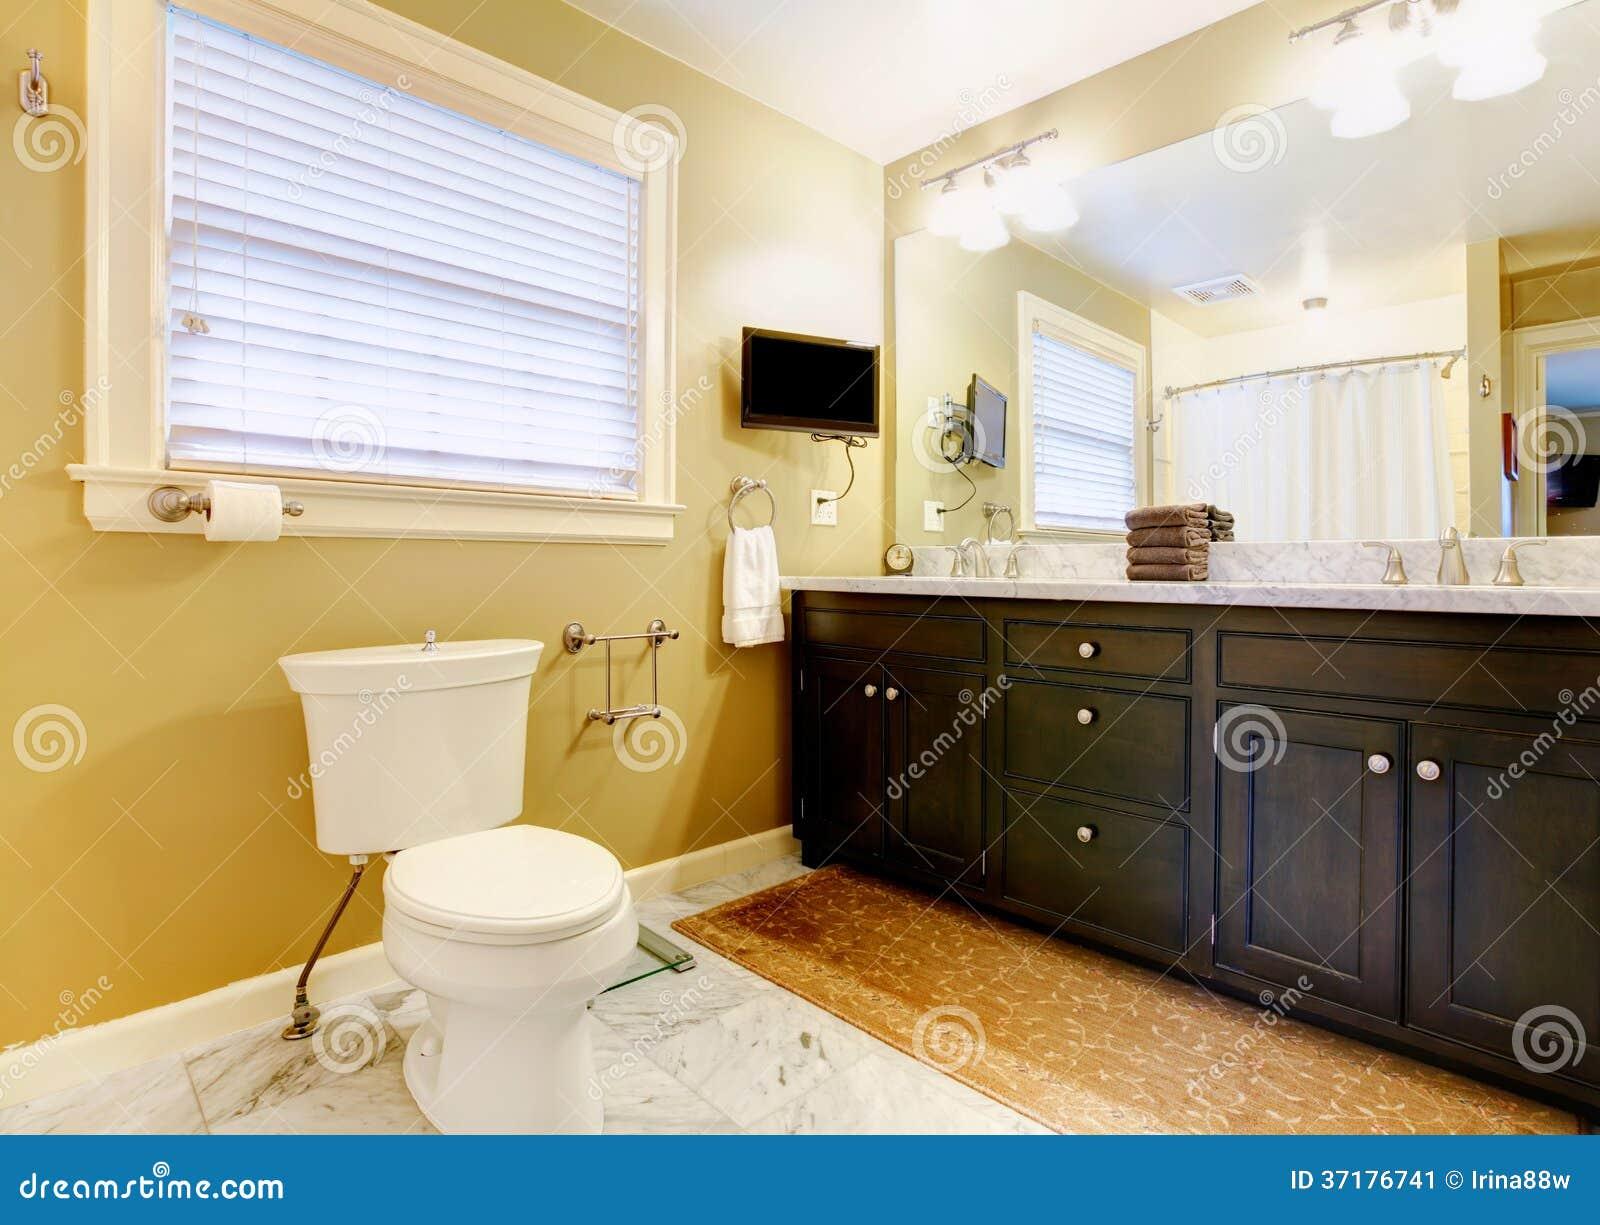 Tele Salle De Bain salle de bains moderne avec la tv image stock - image du